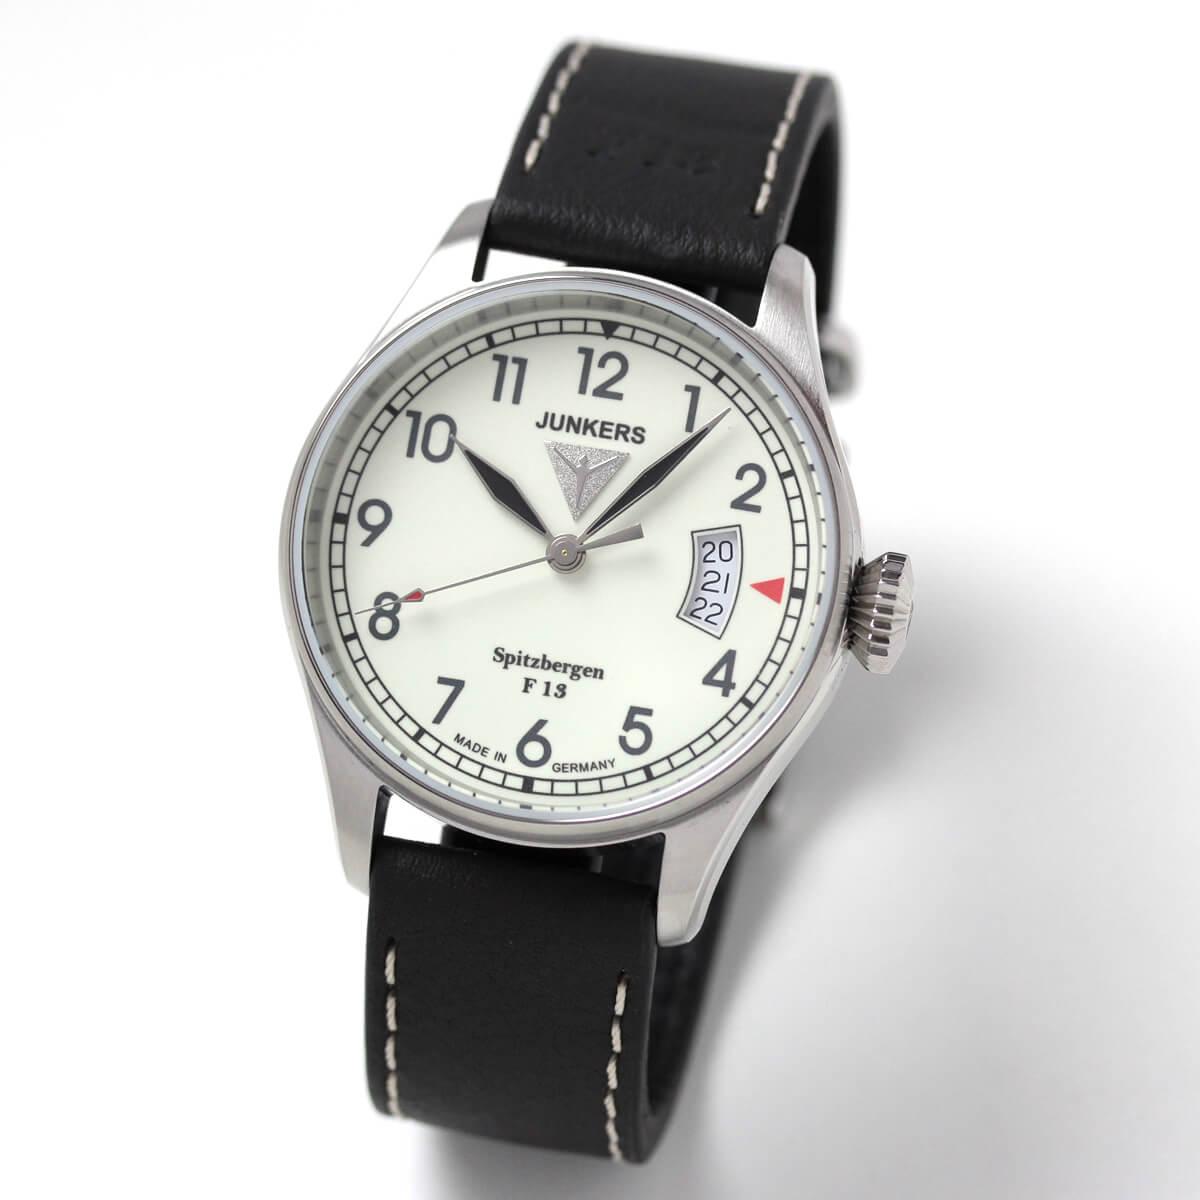 JUNKERS(ユンカース)/スピッツベルゲン F13 クォーツ 6170-5QZ/腕時計